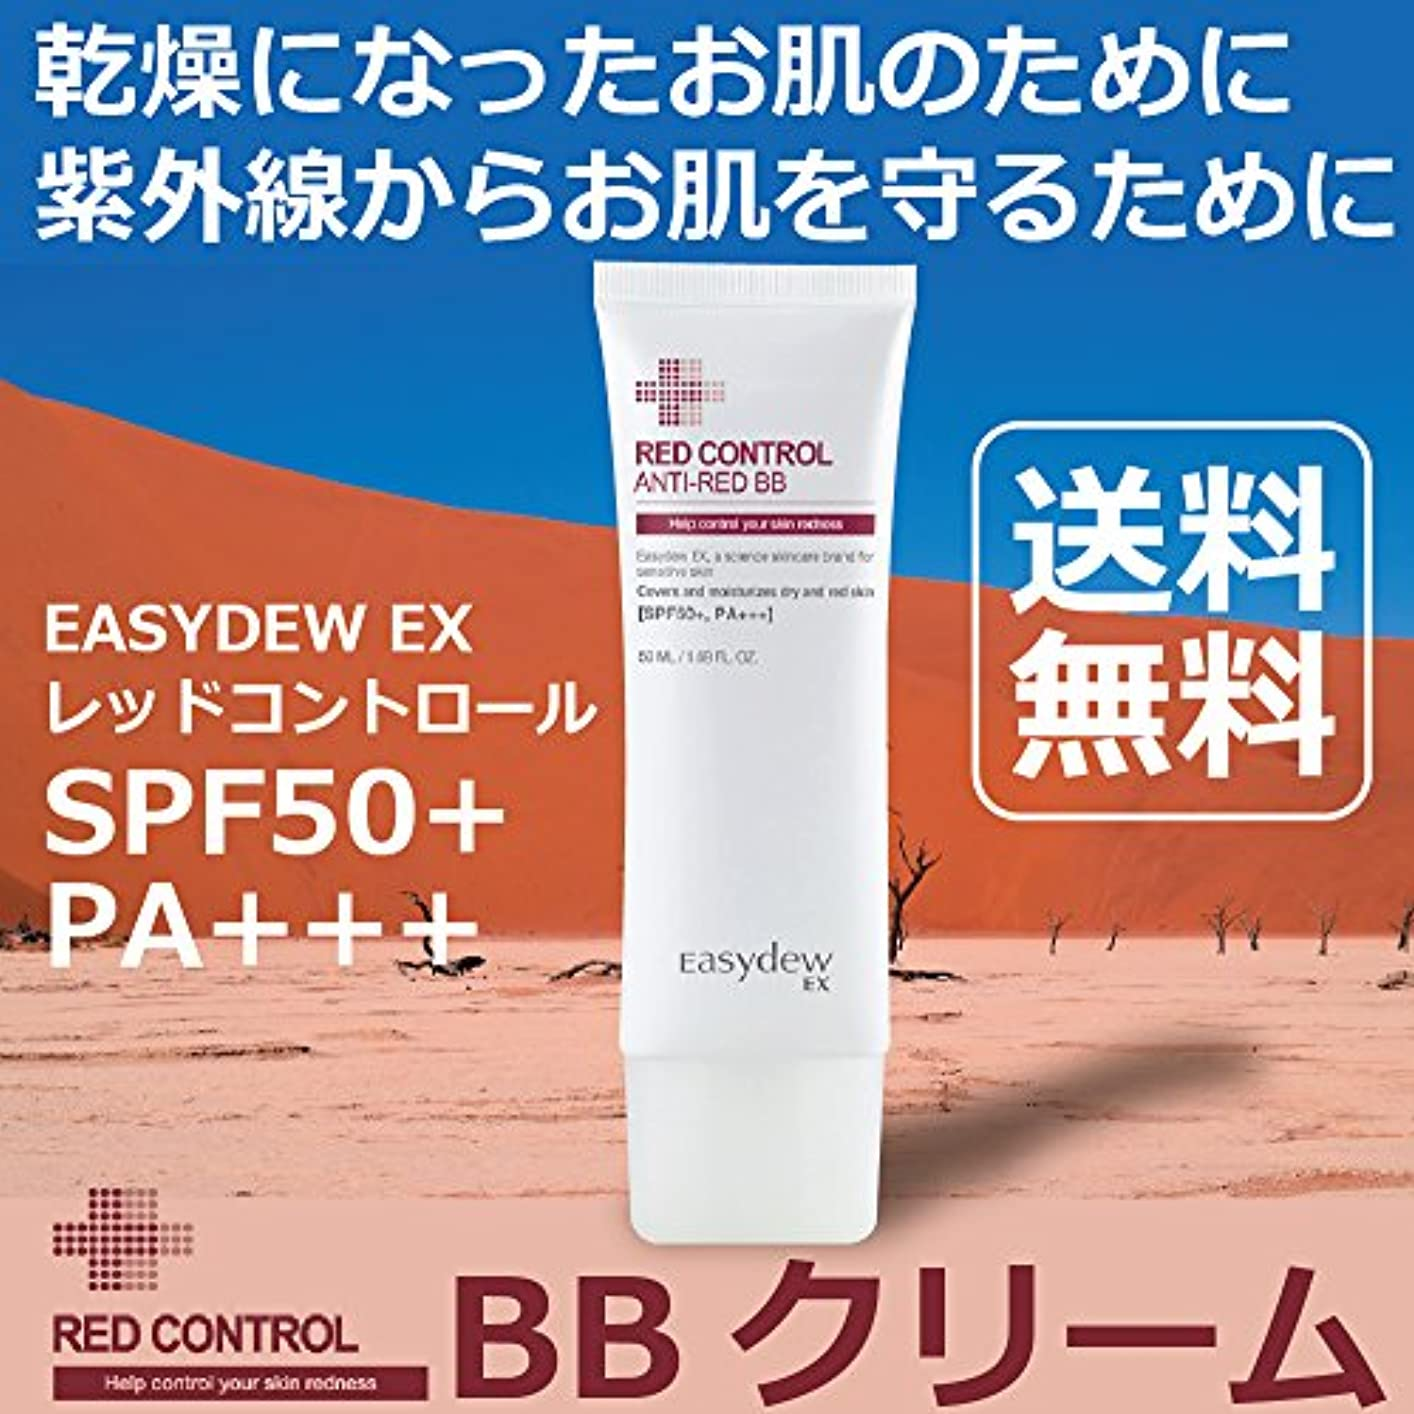 不一致準拠薬局EASYDEW EX レッドコントロール アンチレッドBBクリーム 50ml RED CONTROL ANTI-RED BB